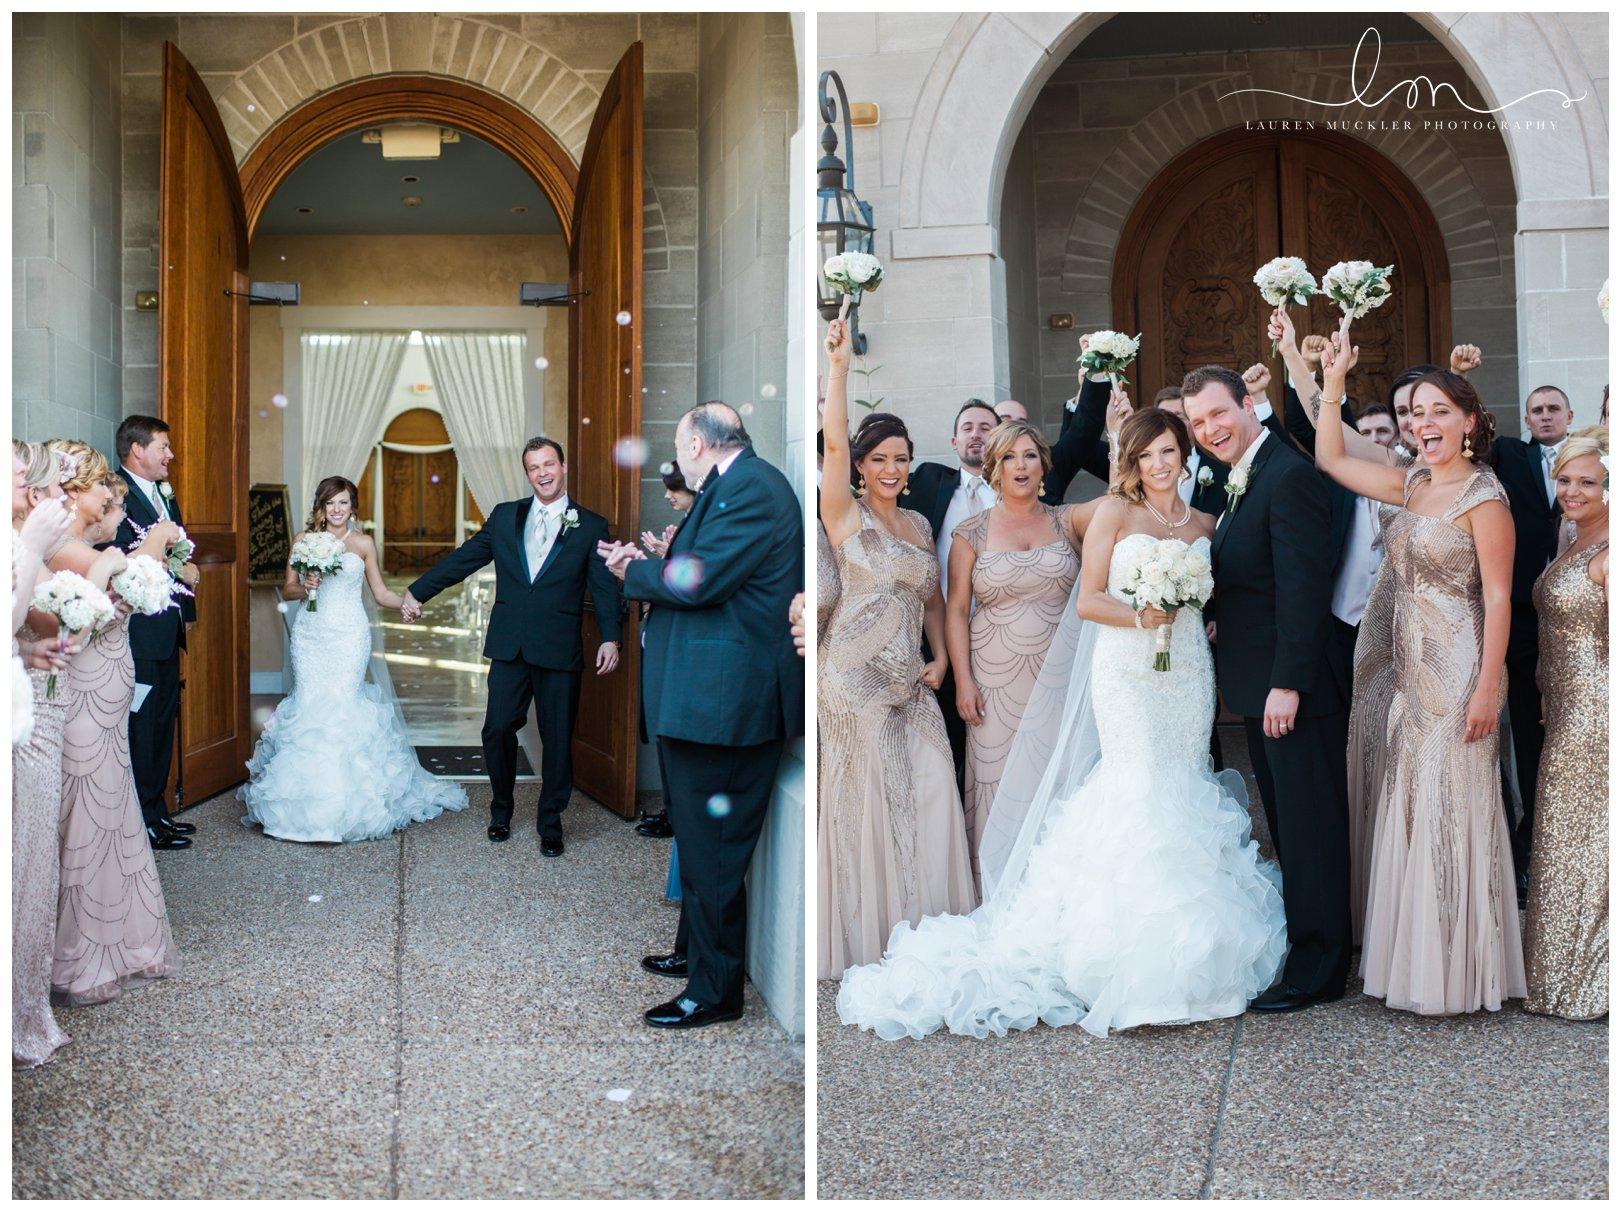 lauren muckler photography_fine art film wedding photography_st louis_photography_0469.jpg